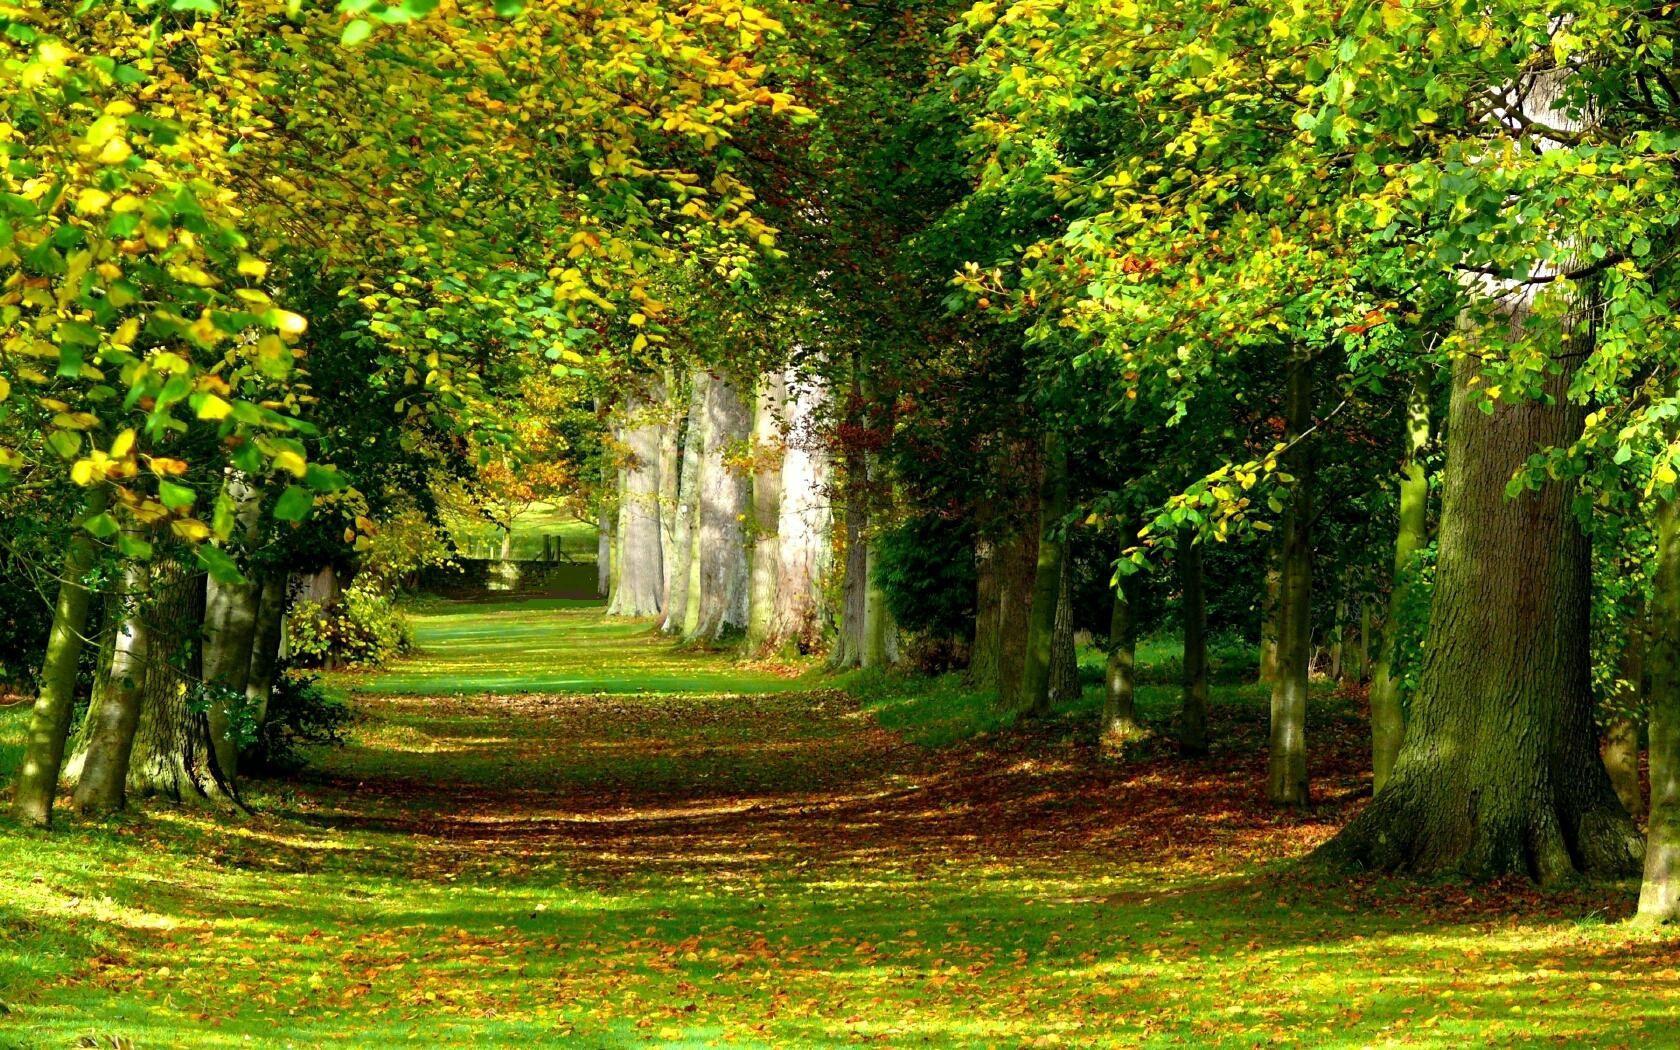 156703壁紙のダウンロード自然, グリーンズ, 菜, 木, 公園, 植生, 夏, 静けさ, 平静, 行, ランク, 草-スクリーンセーバーと写真を無料で